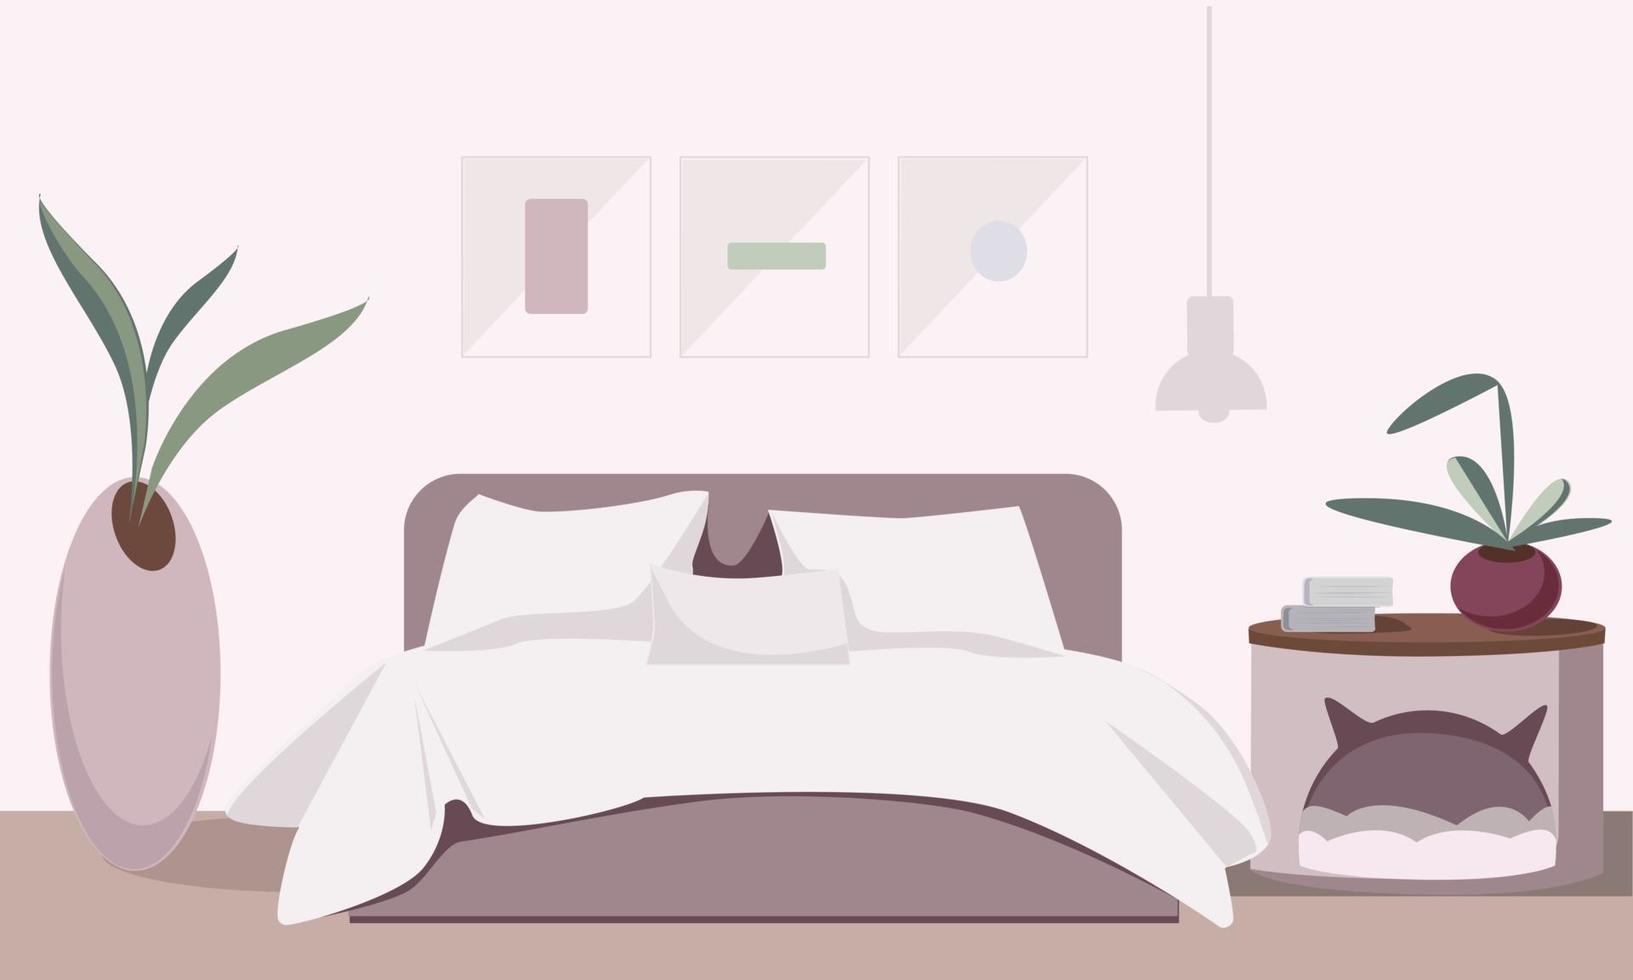 gemütliches Schlafzimmer Interieur mit Zubehör vektor